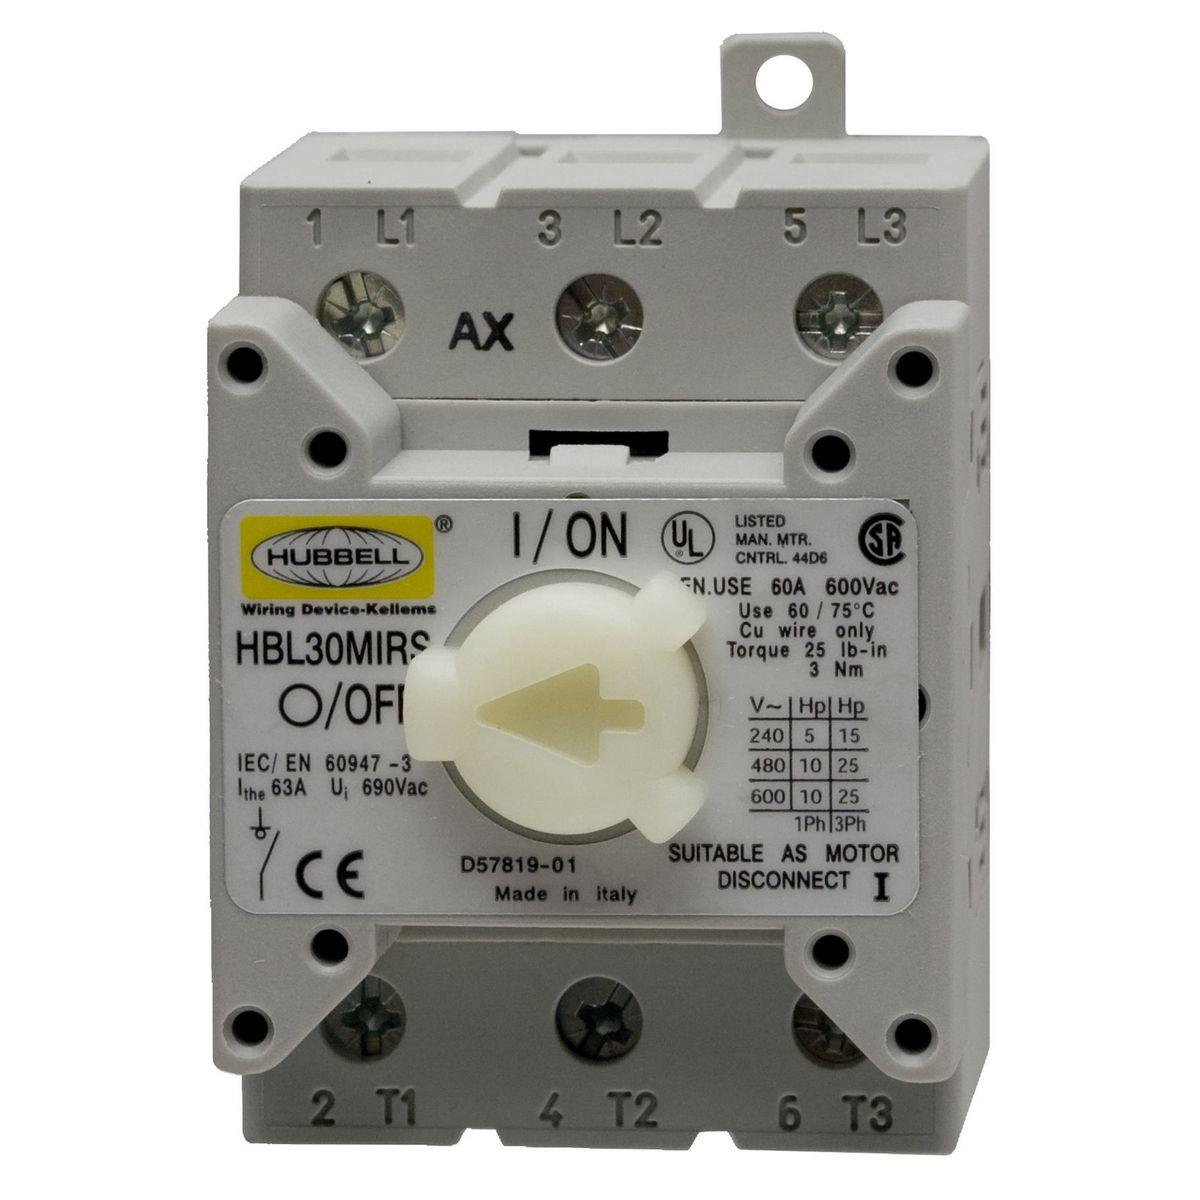 Hbl30mirs Brand Wiring Device Kellems Light Switch L1 L2 L3